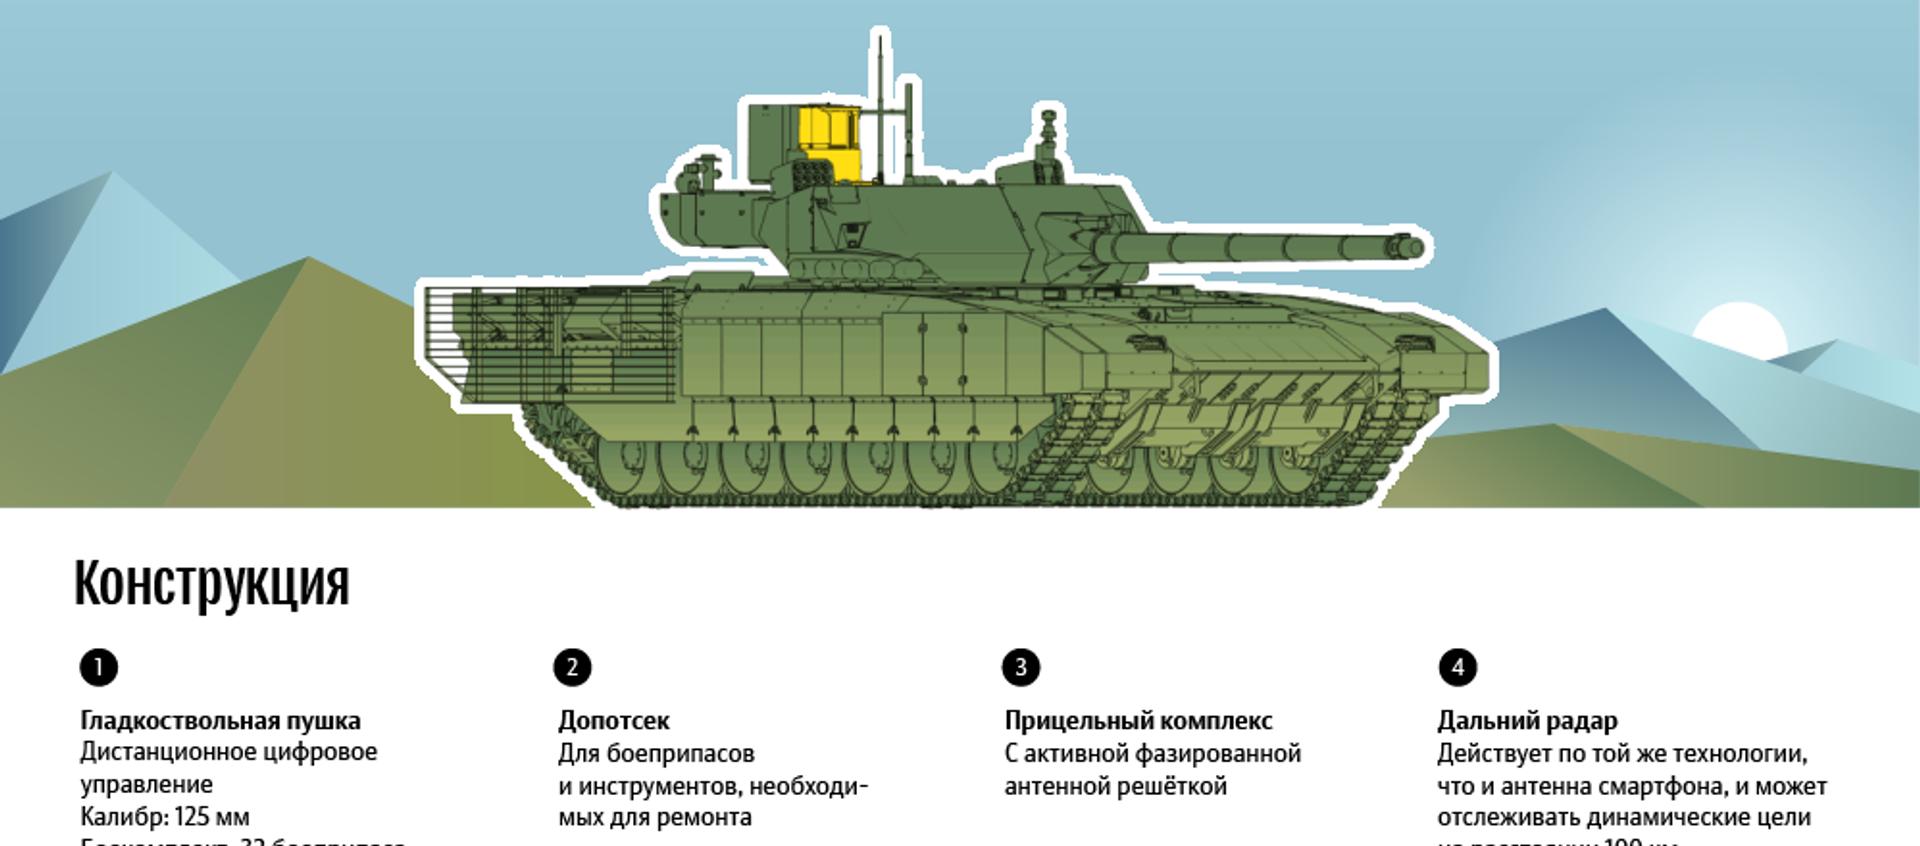 Танк Т-14 Армата - инфографика на sputnik.by - Sputnik Беларусь, 1920, 22.08.2017